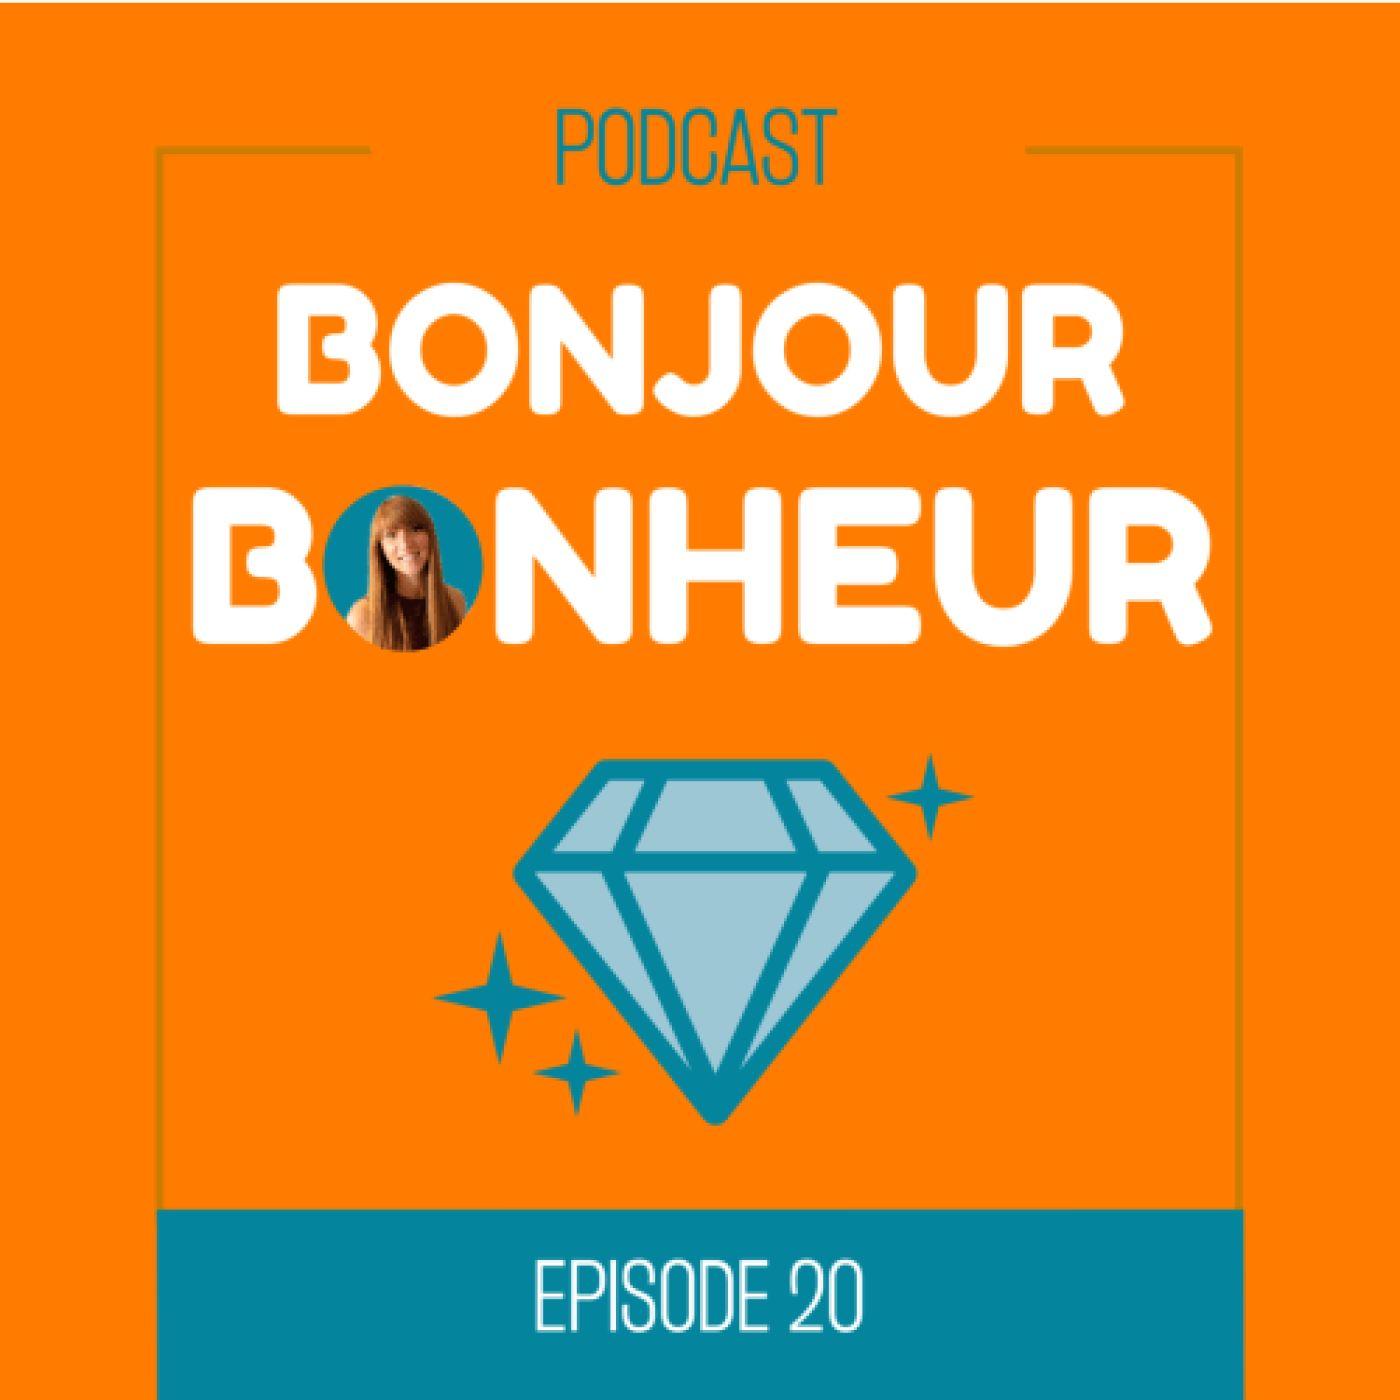 Episode 20 - De la biologie moléculaire aux textiles